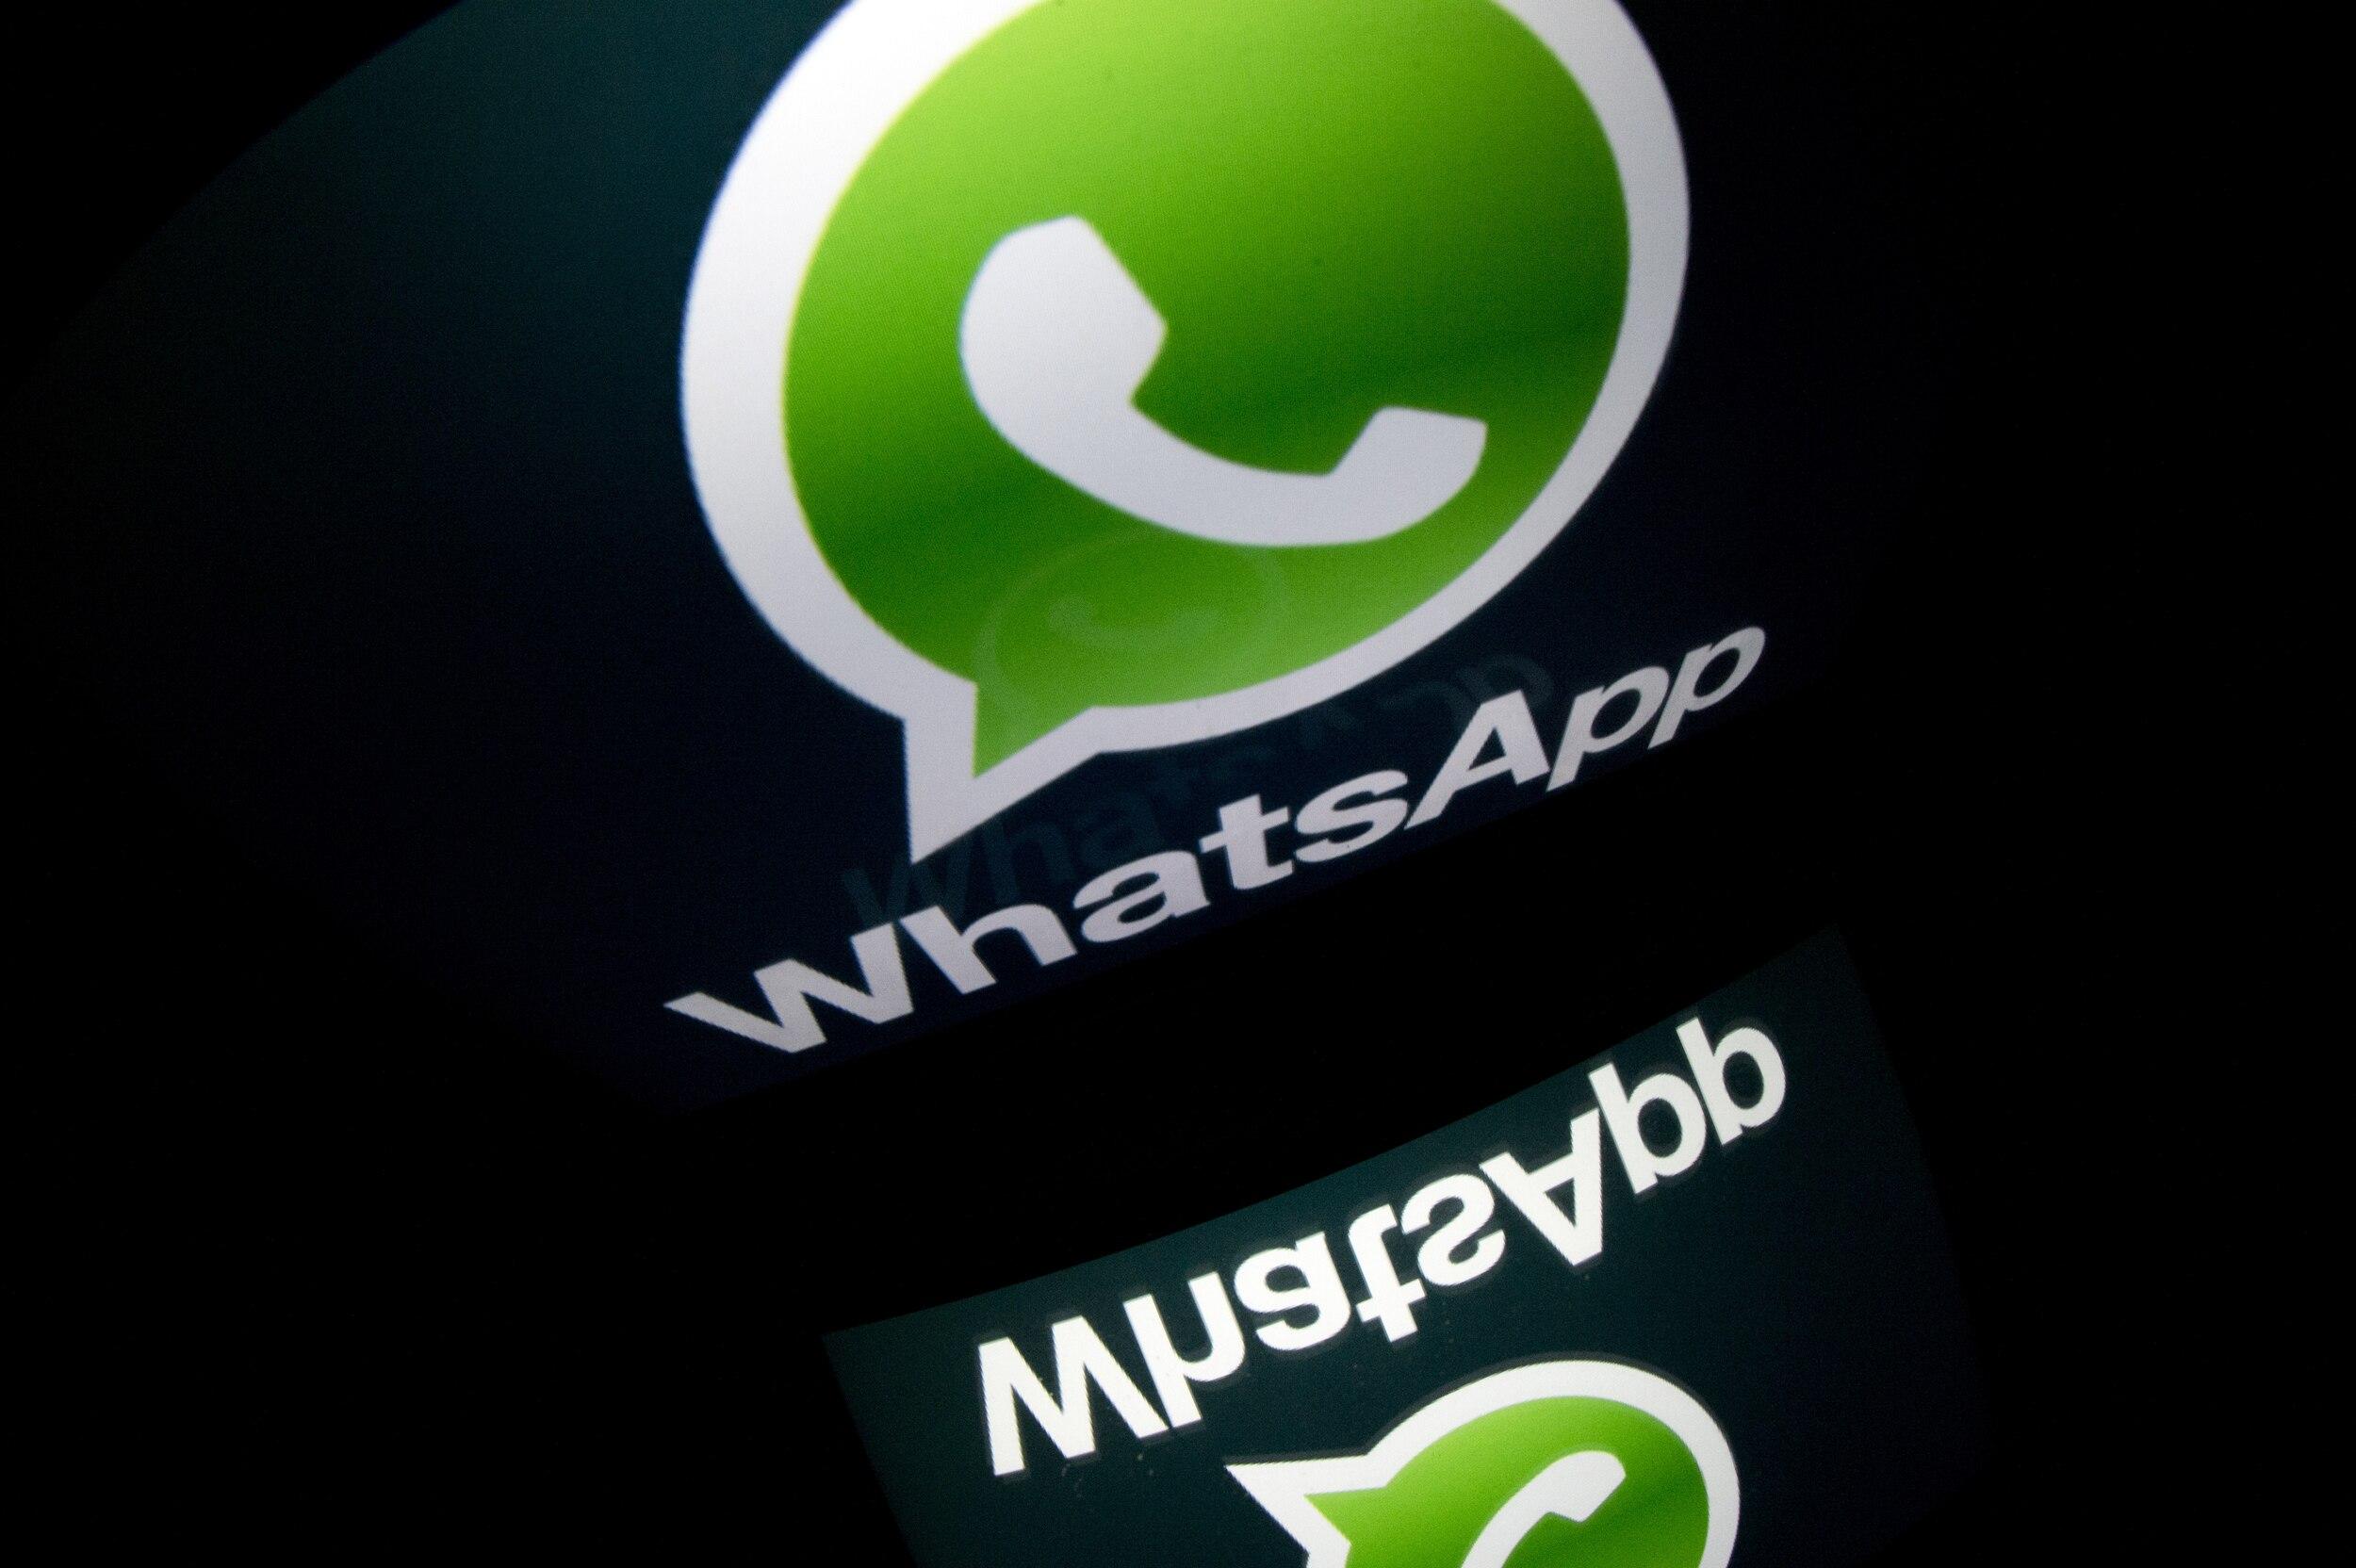 Whatsapp nachrichten schreiben ohne online zu sein